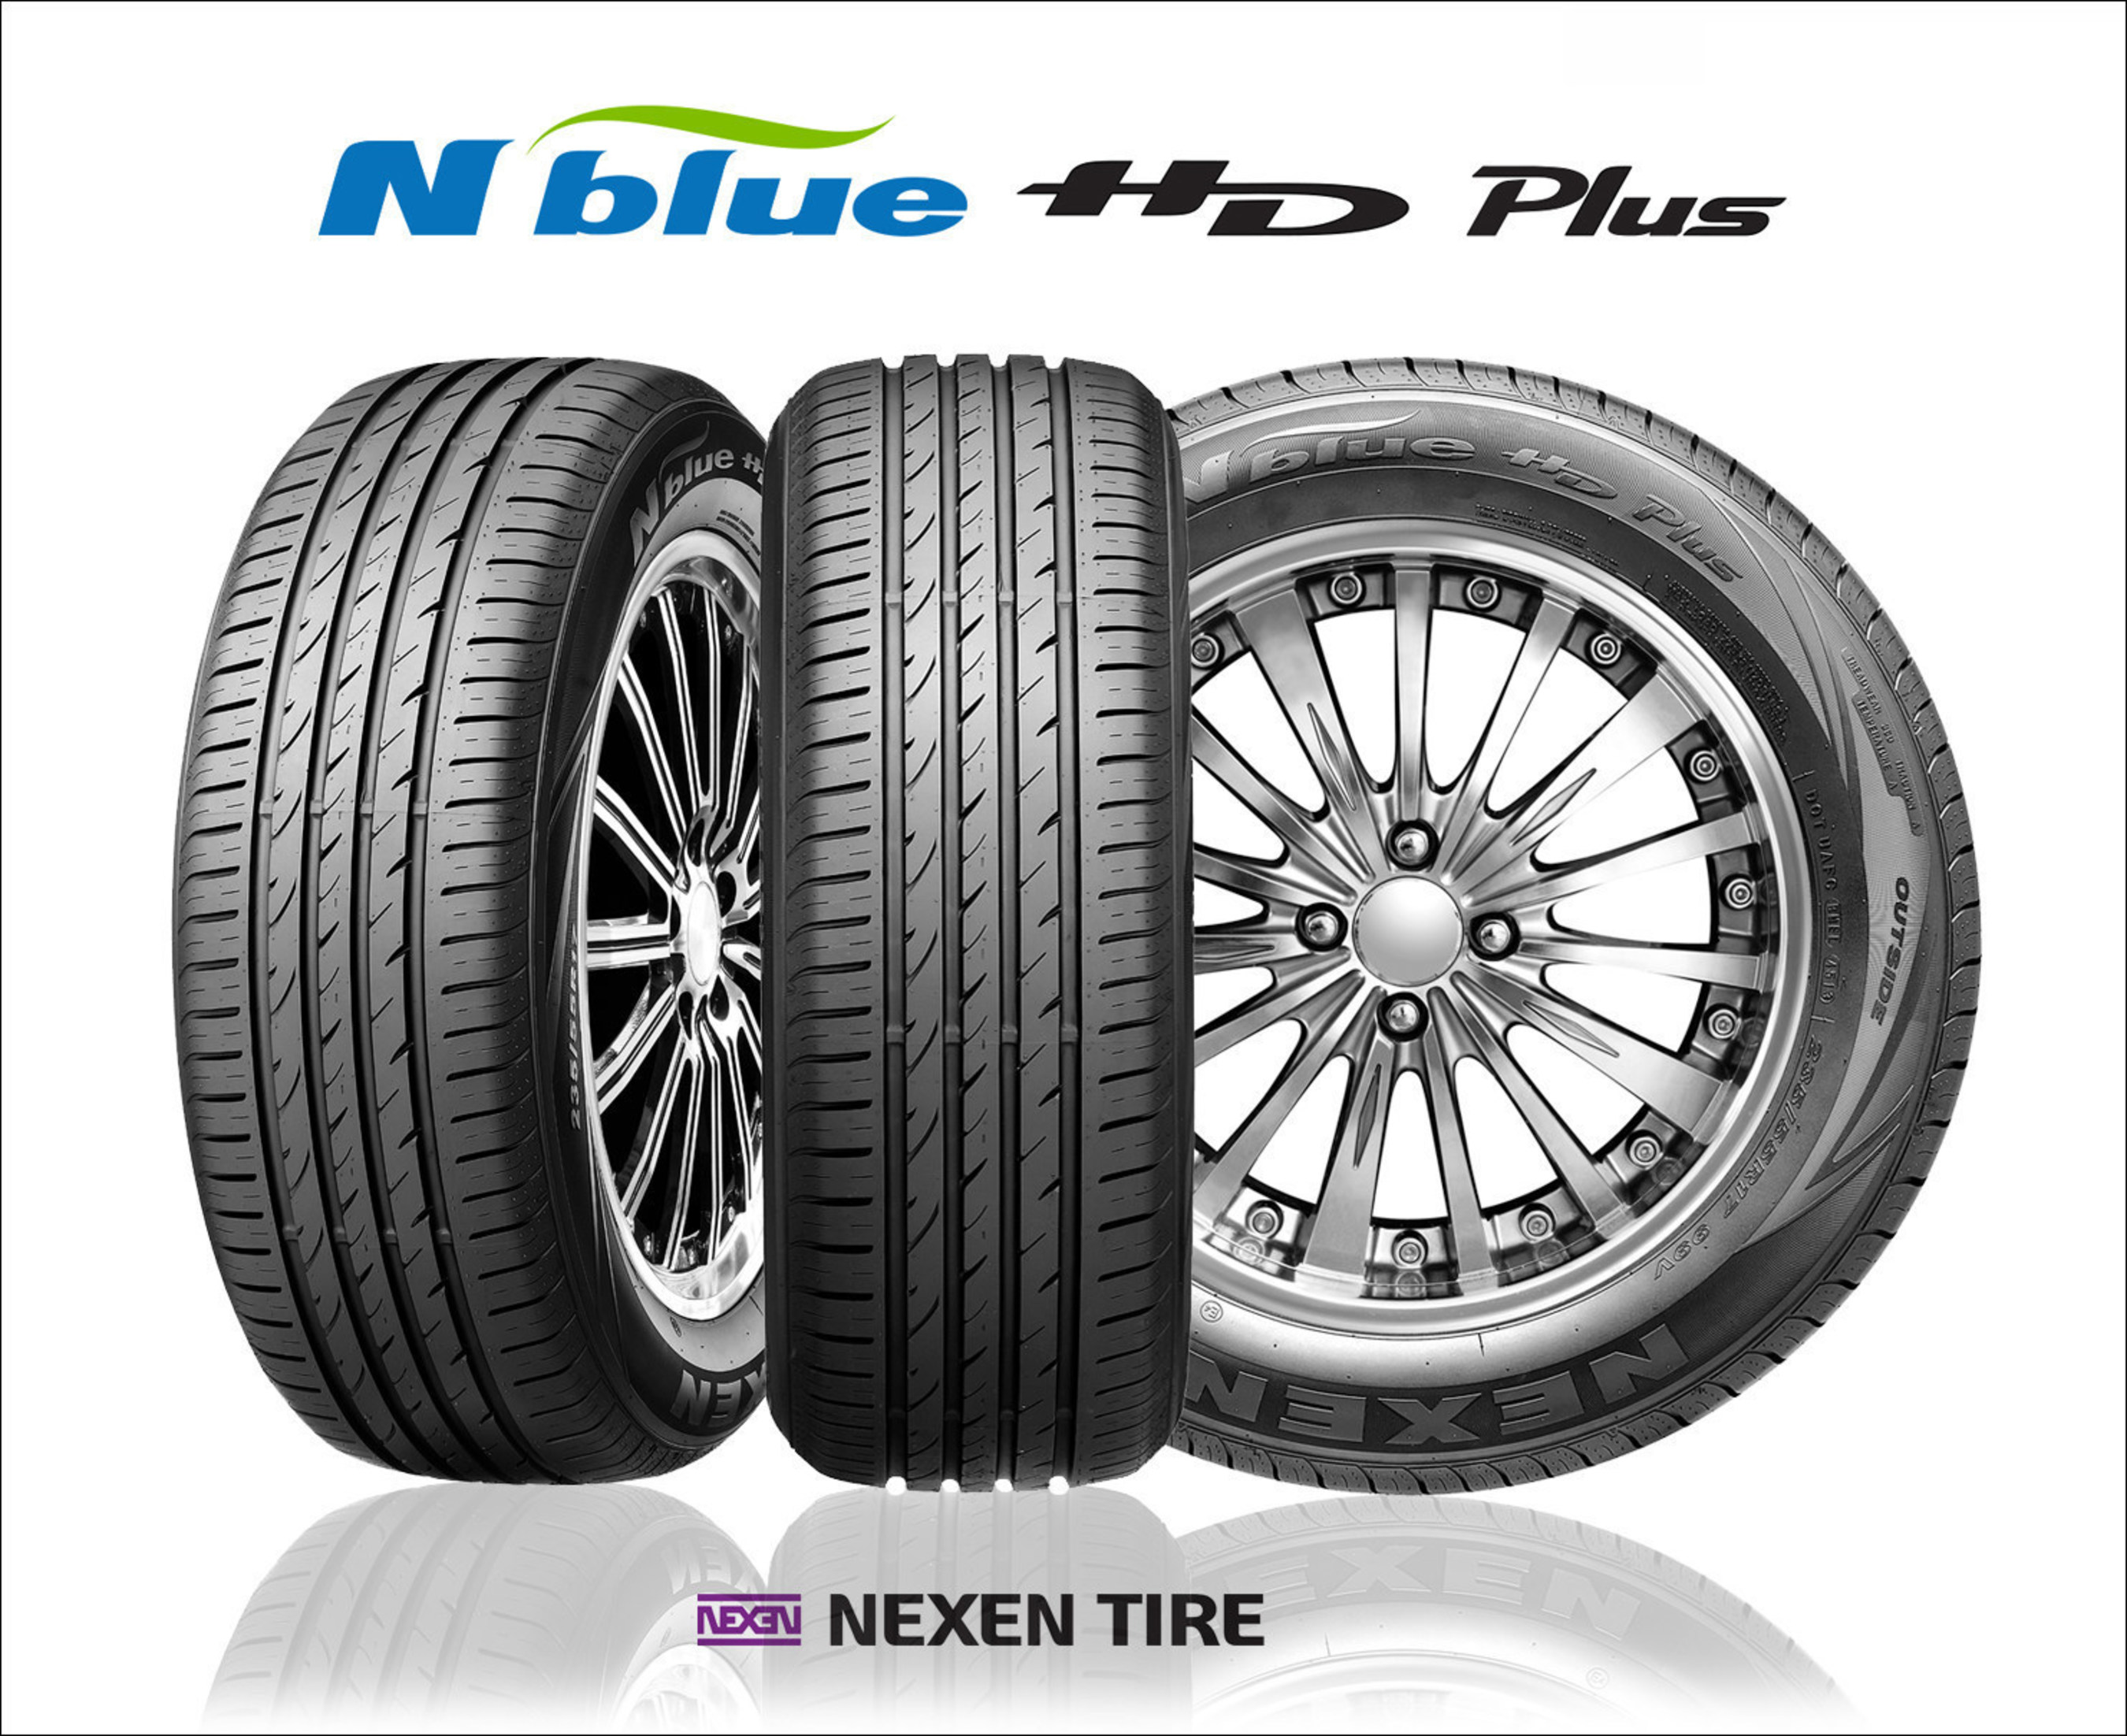 Nexen Tire classée comme « Hautement recommandable » par le test d'Auto Bild